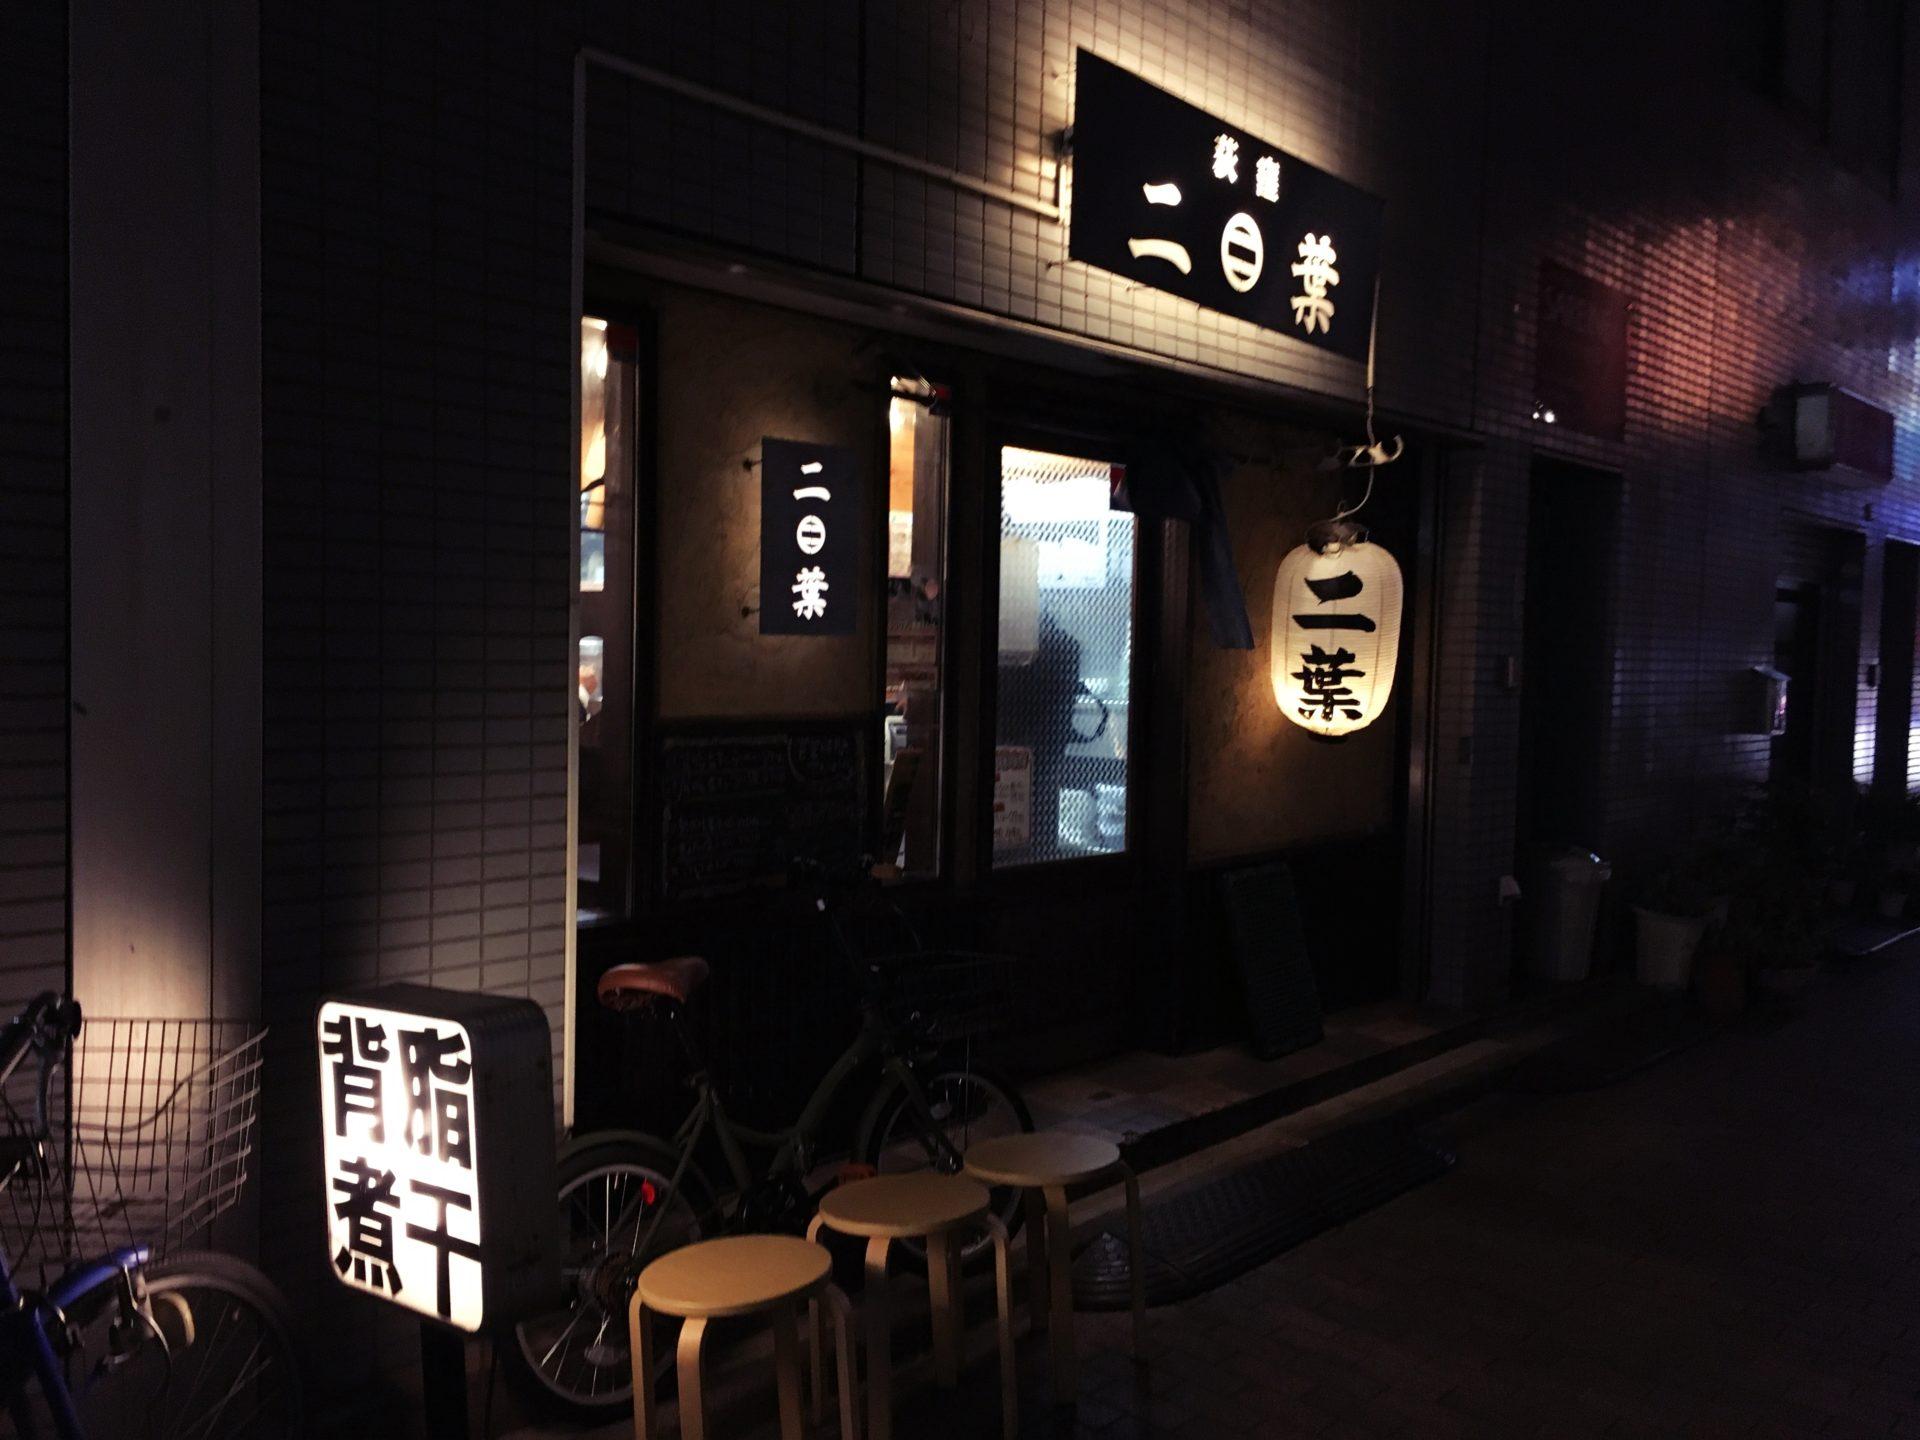 日本, 一時帰国, ラーメン